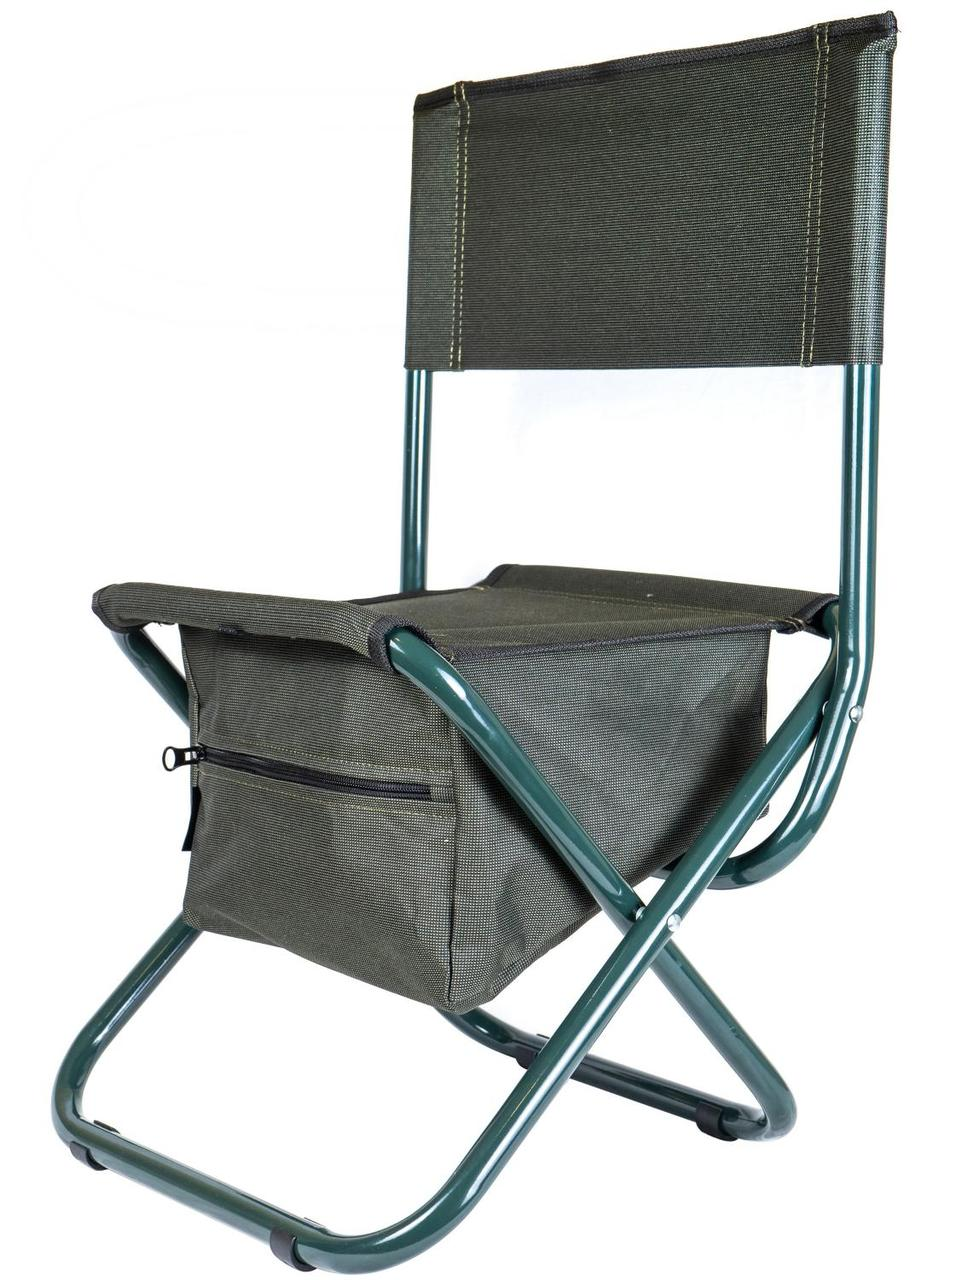 Стул складной со спинкой и сумкой Ranger Snov Bag (Арт. RA 4419)